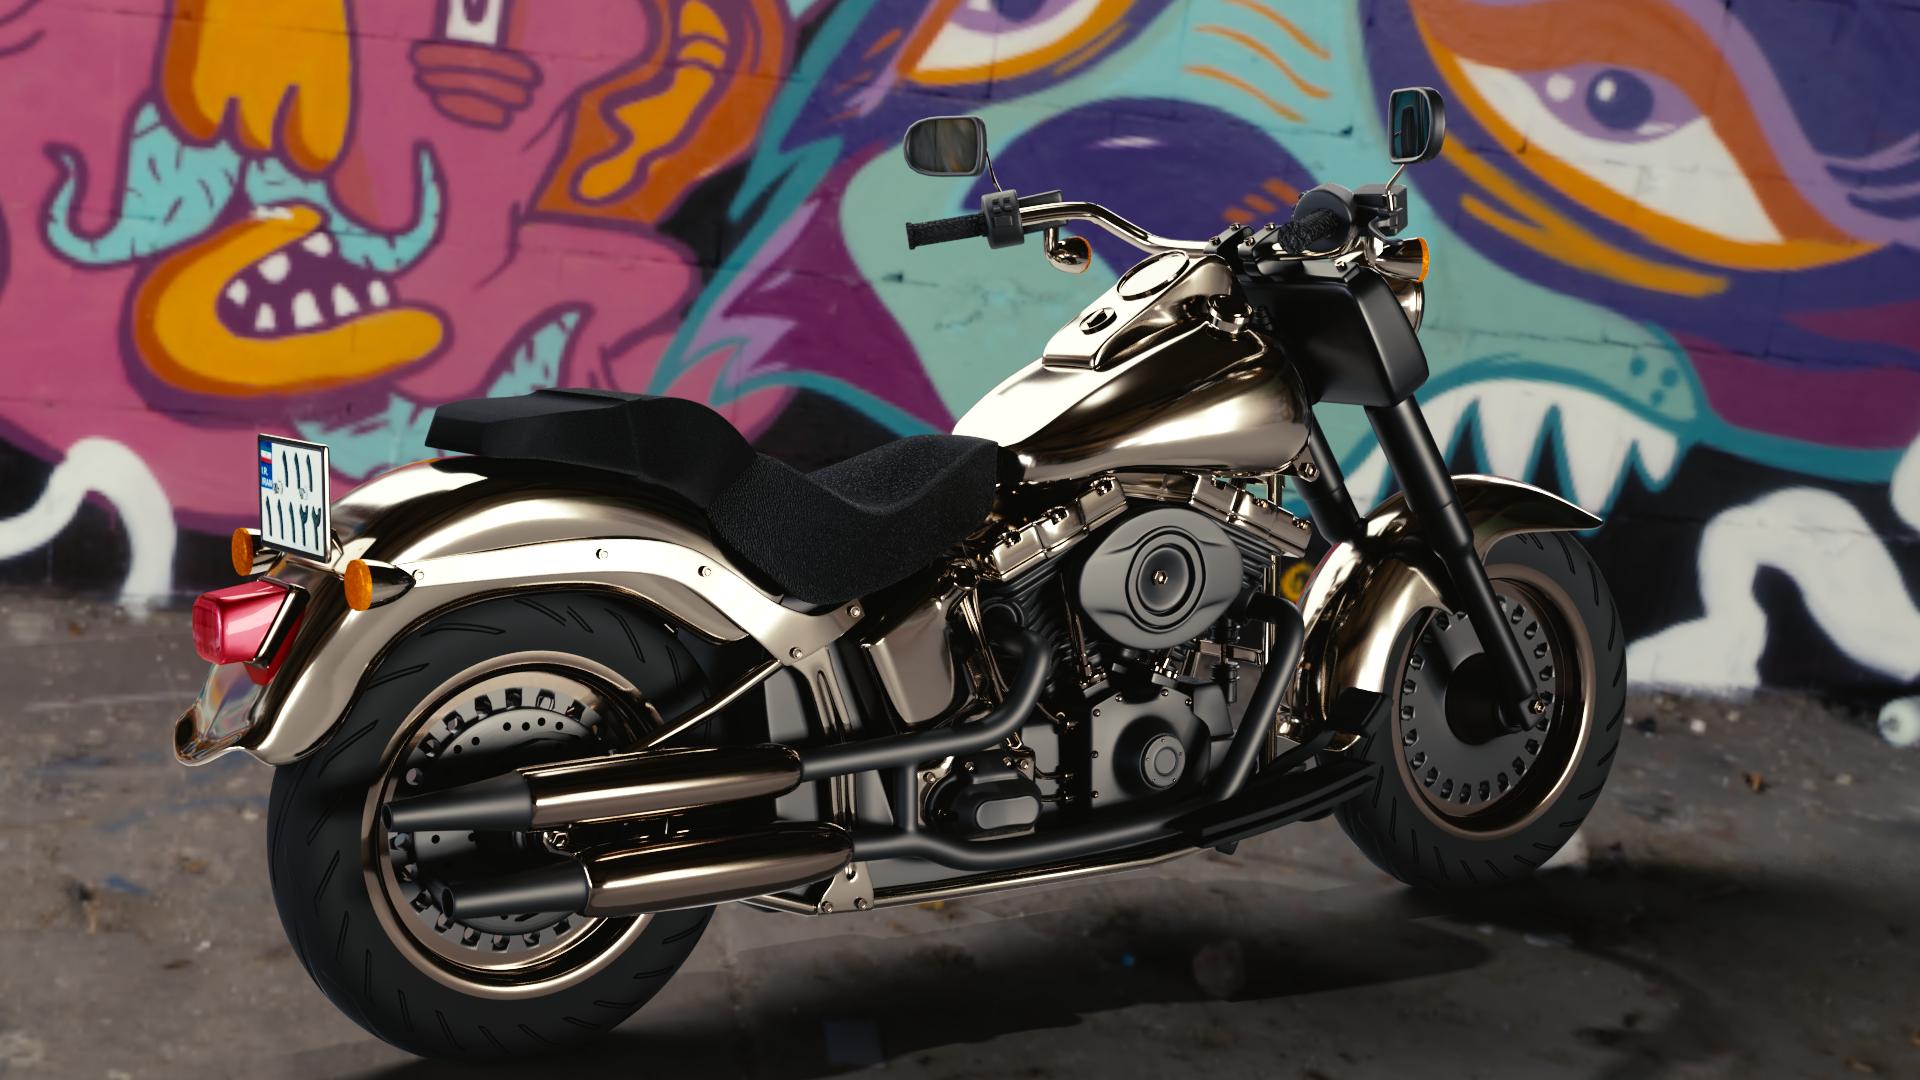 اولین موتور سیکلت ساخته شده من در نرم افزار سه بعدی بلندر